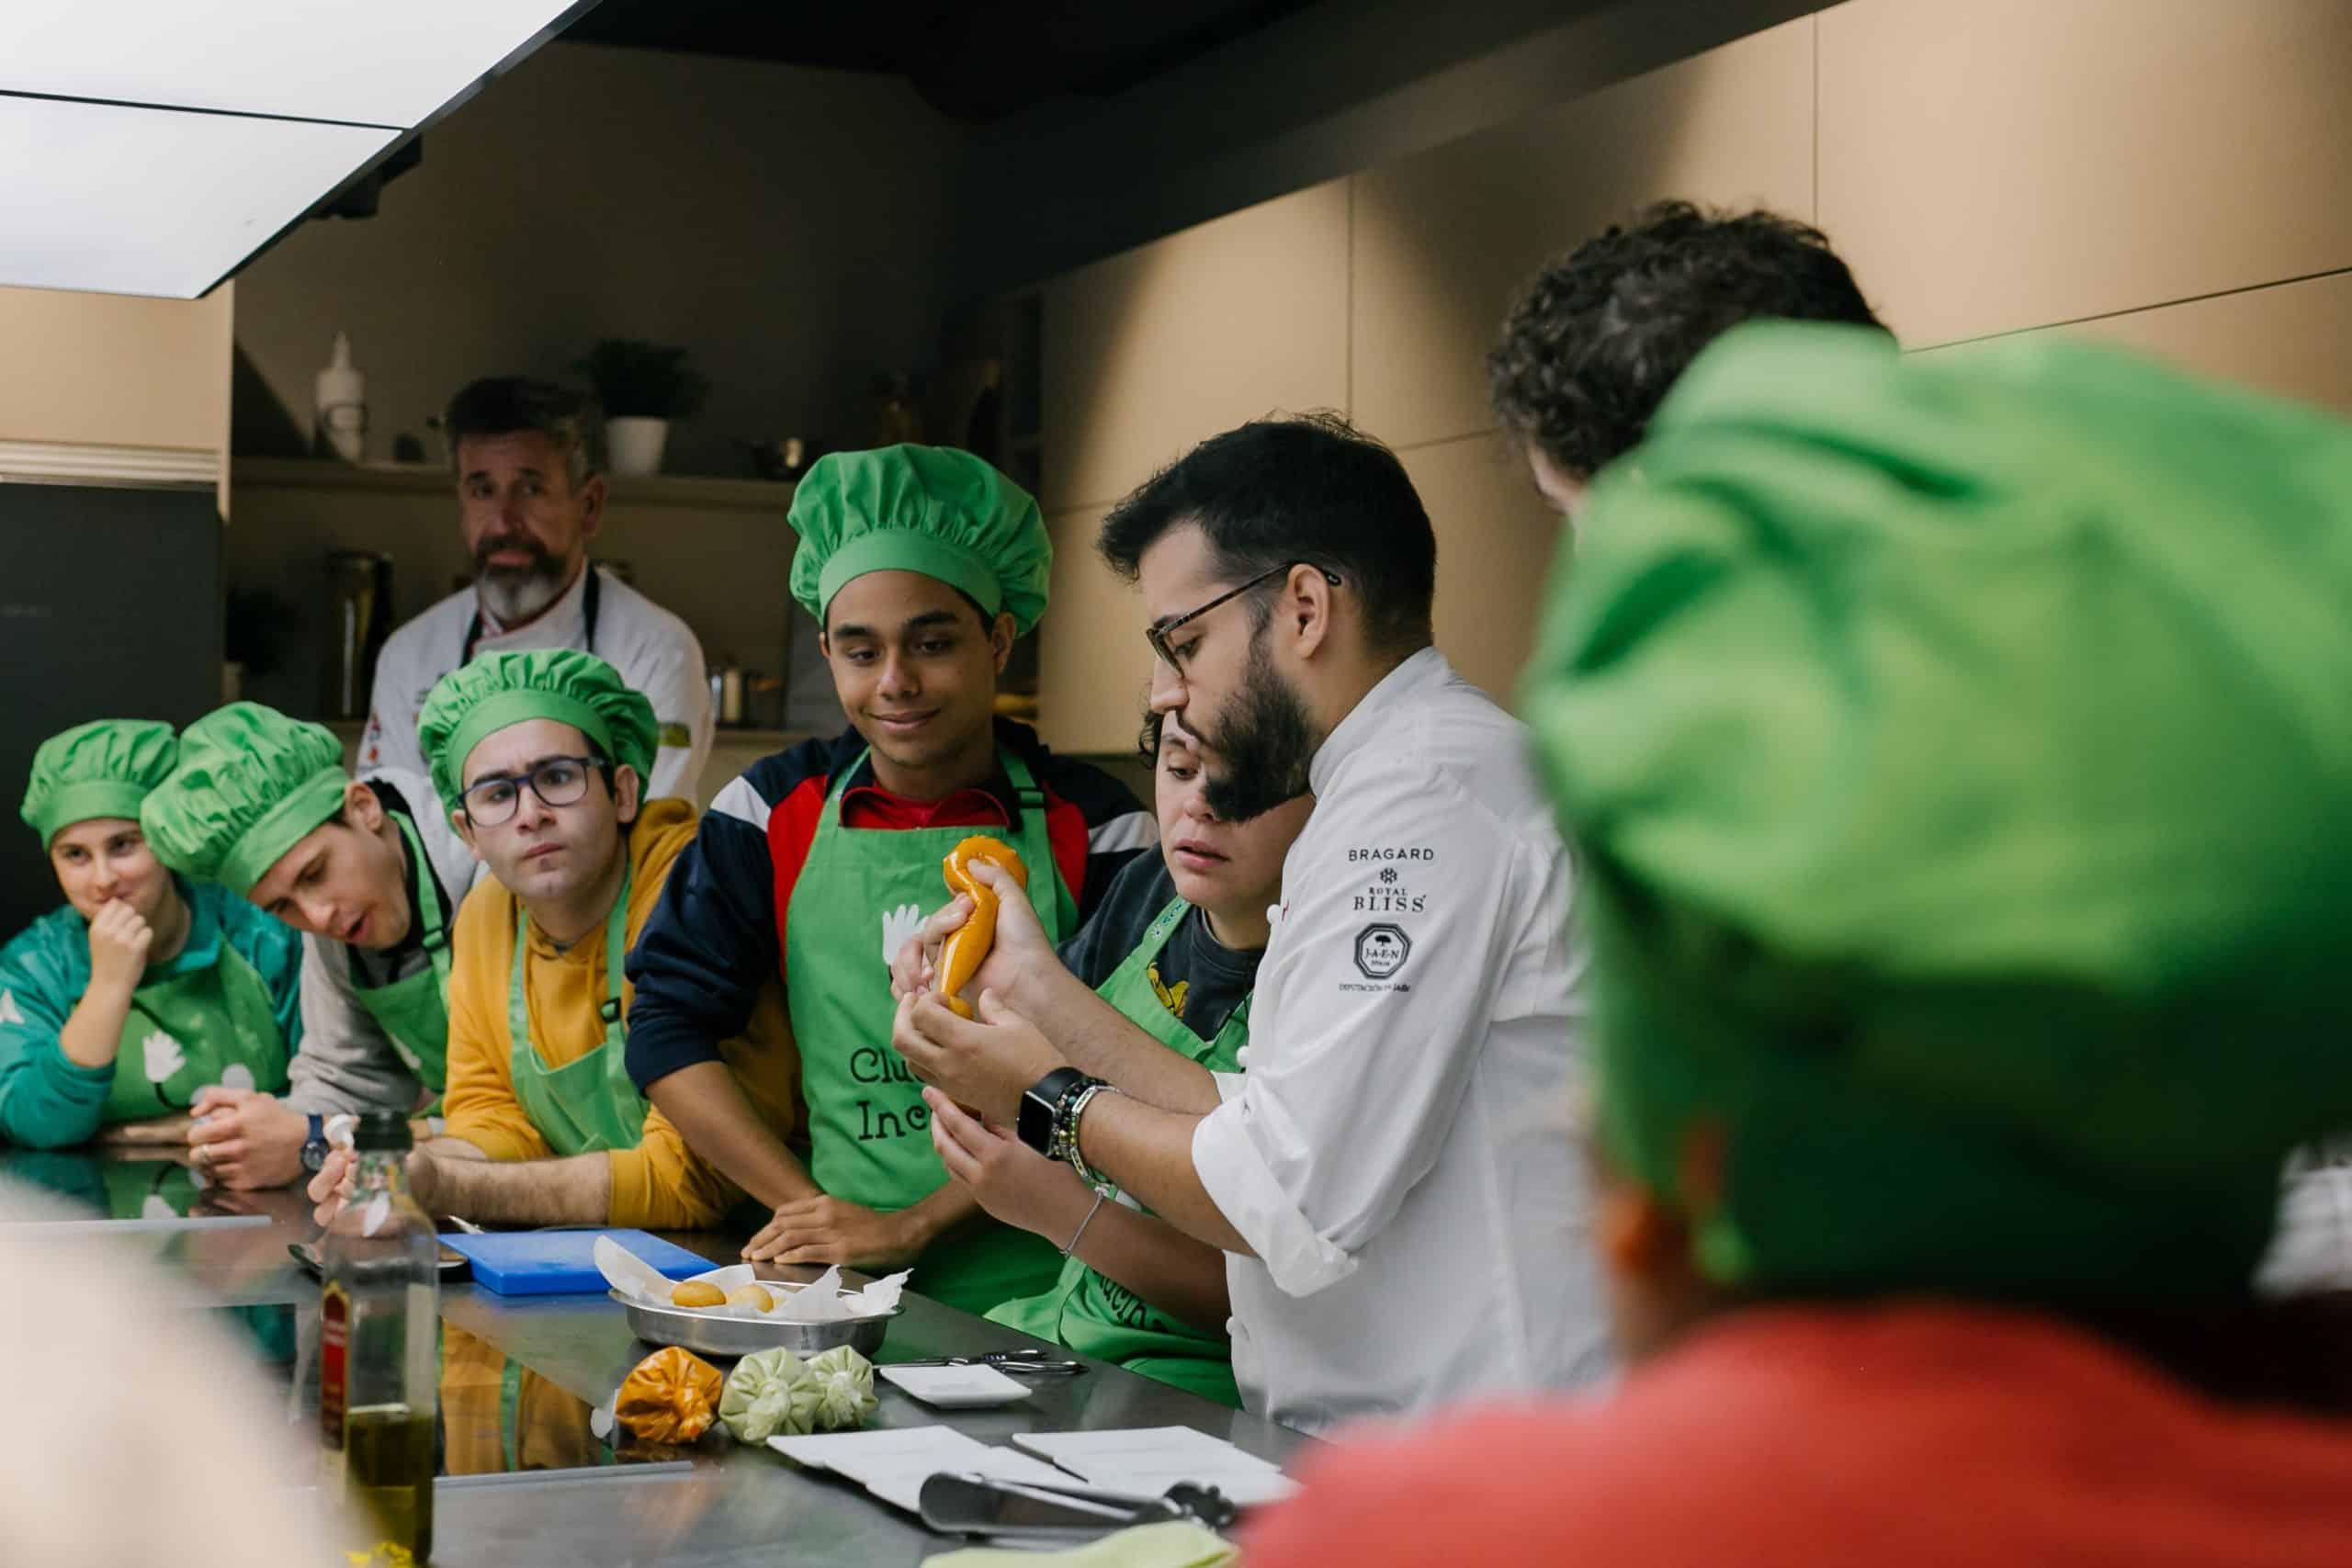 Ocho alumnos de Atades y ocho cocineros revolucionarán de nuevo el mercado central en busca de las mejores materias primas